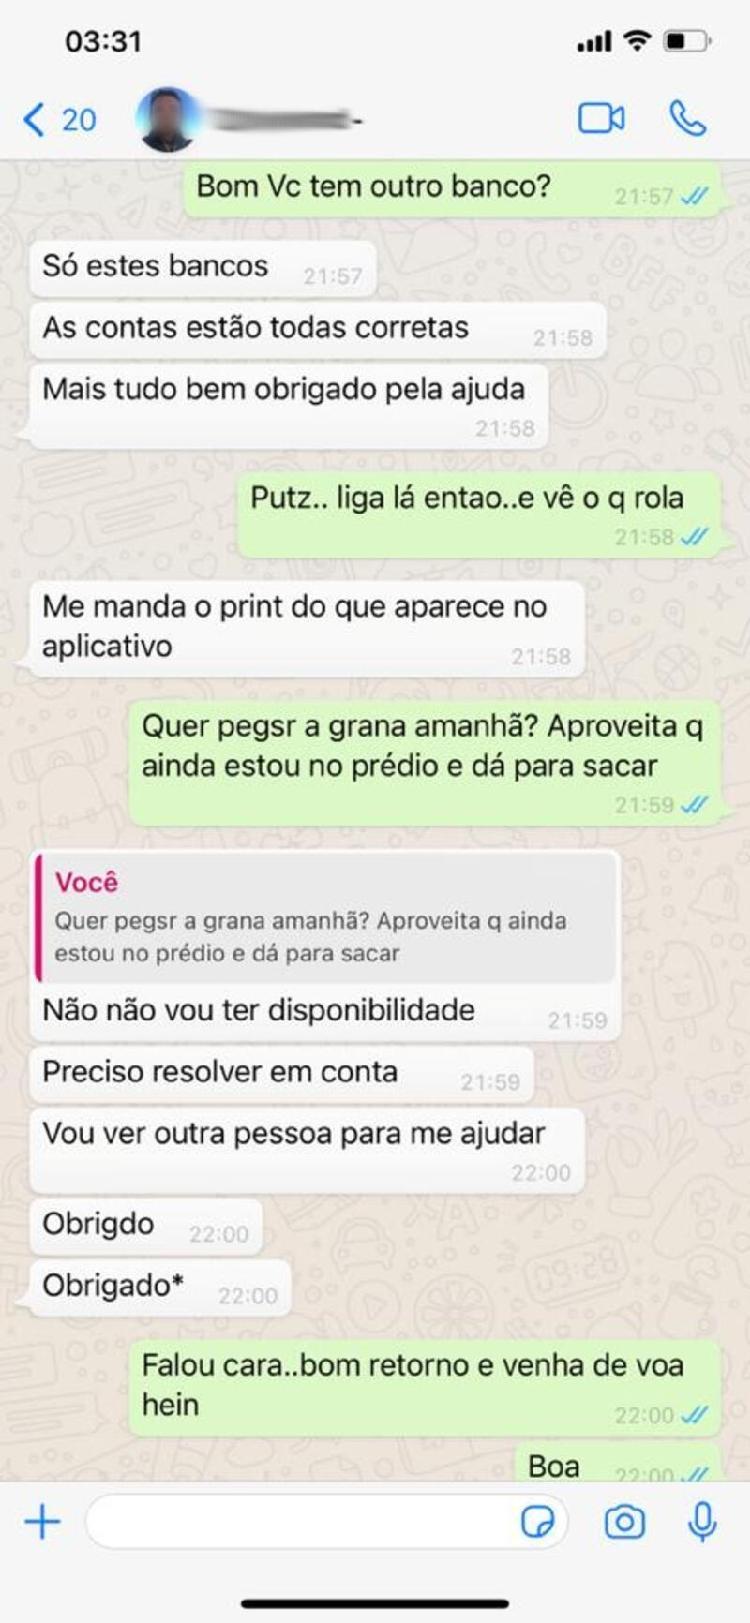 Golpe do WhatsApp (4) - Jogar / Todo golpe - Jogar / Todo golpe